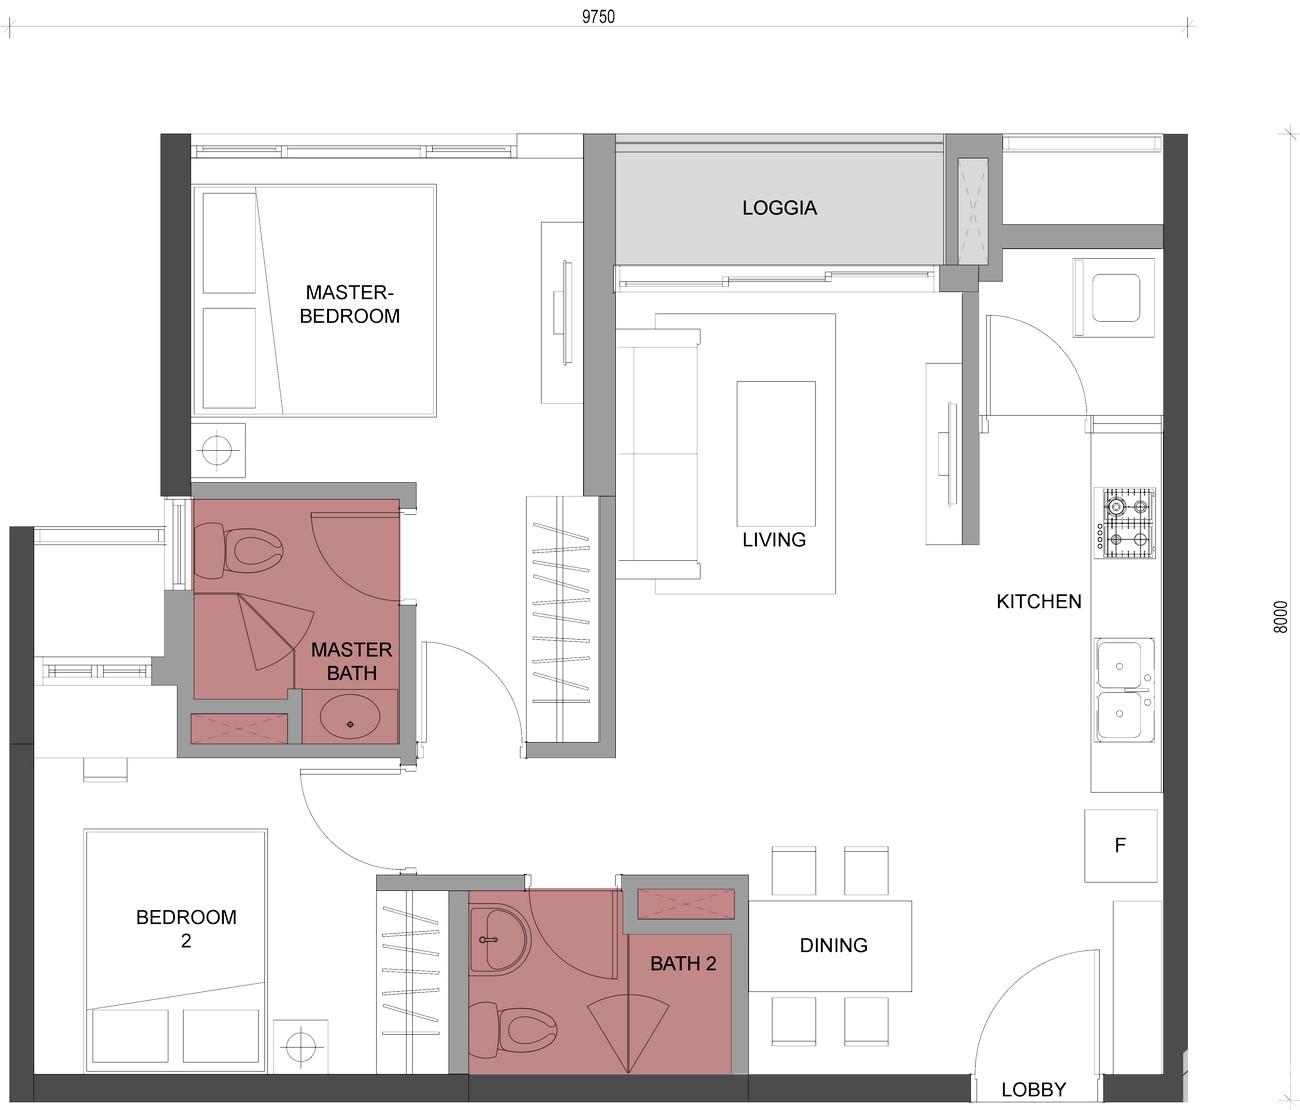 Thiết kế dự án Căn Hộ chung cư Compass One Thủ Dầu Một Đường Hoàng Văn Thụ chủ đầu tư Tây Hồ